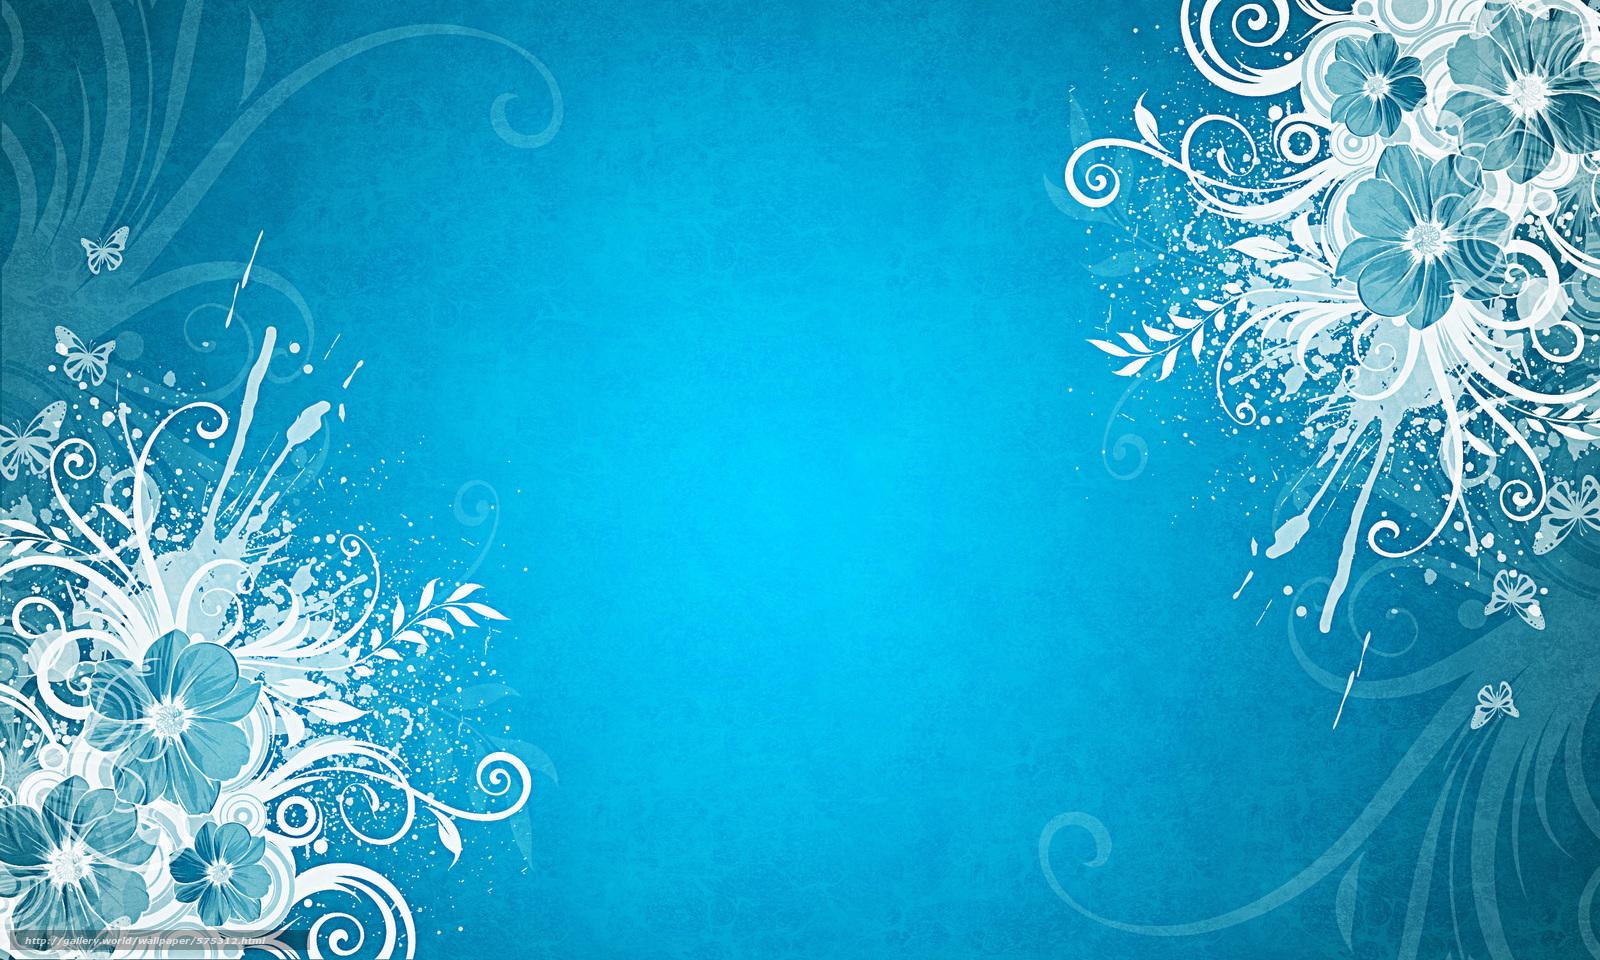 Scaricare gli sfondi sfondo blu farfalle fiori sfondi for Immagini farfalle per desktop